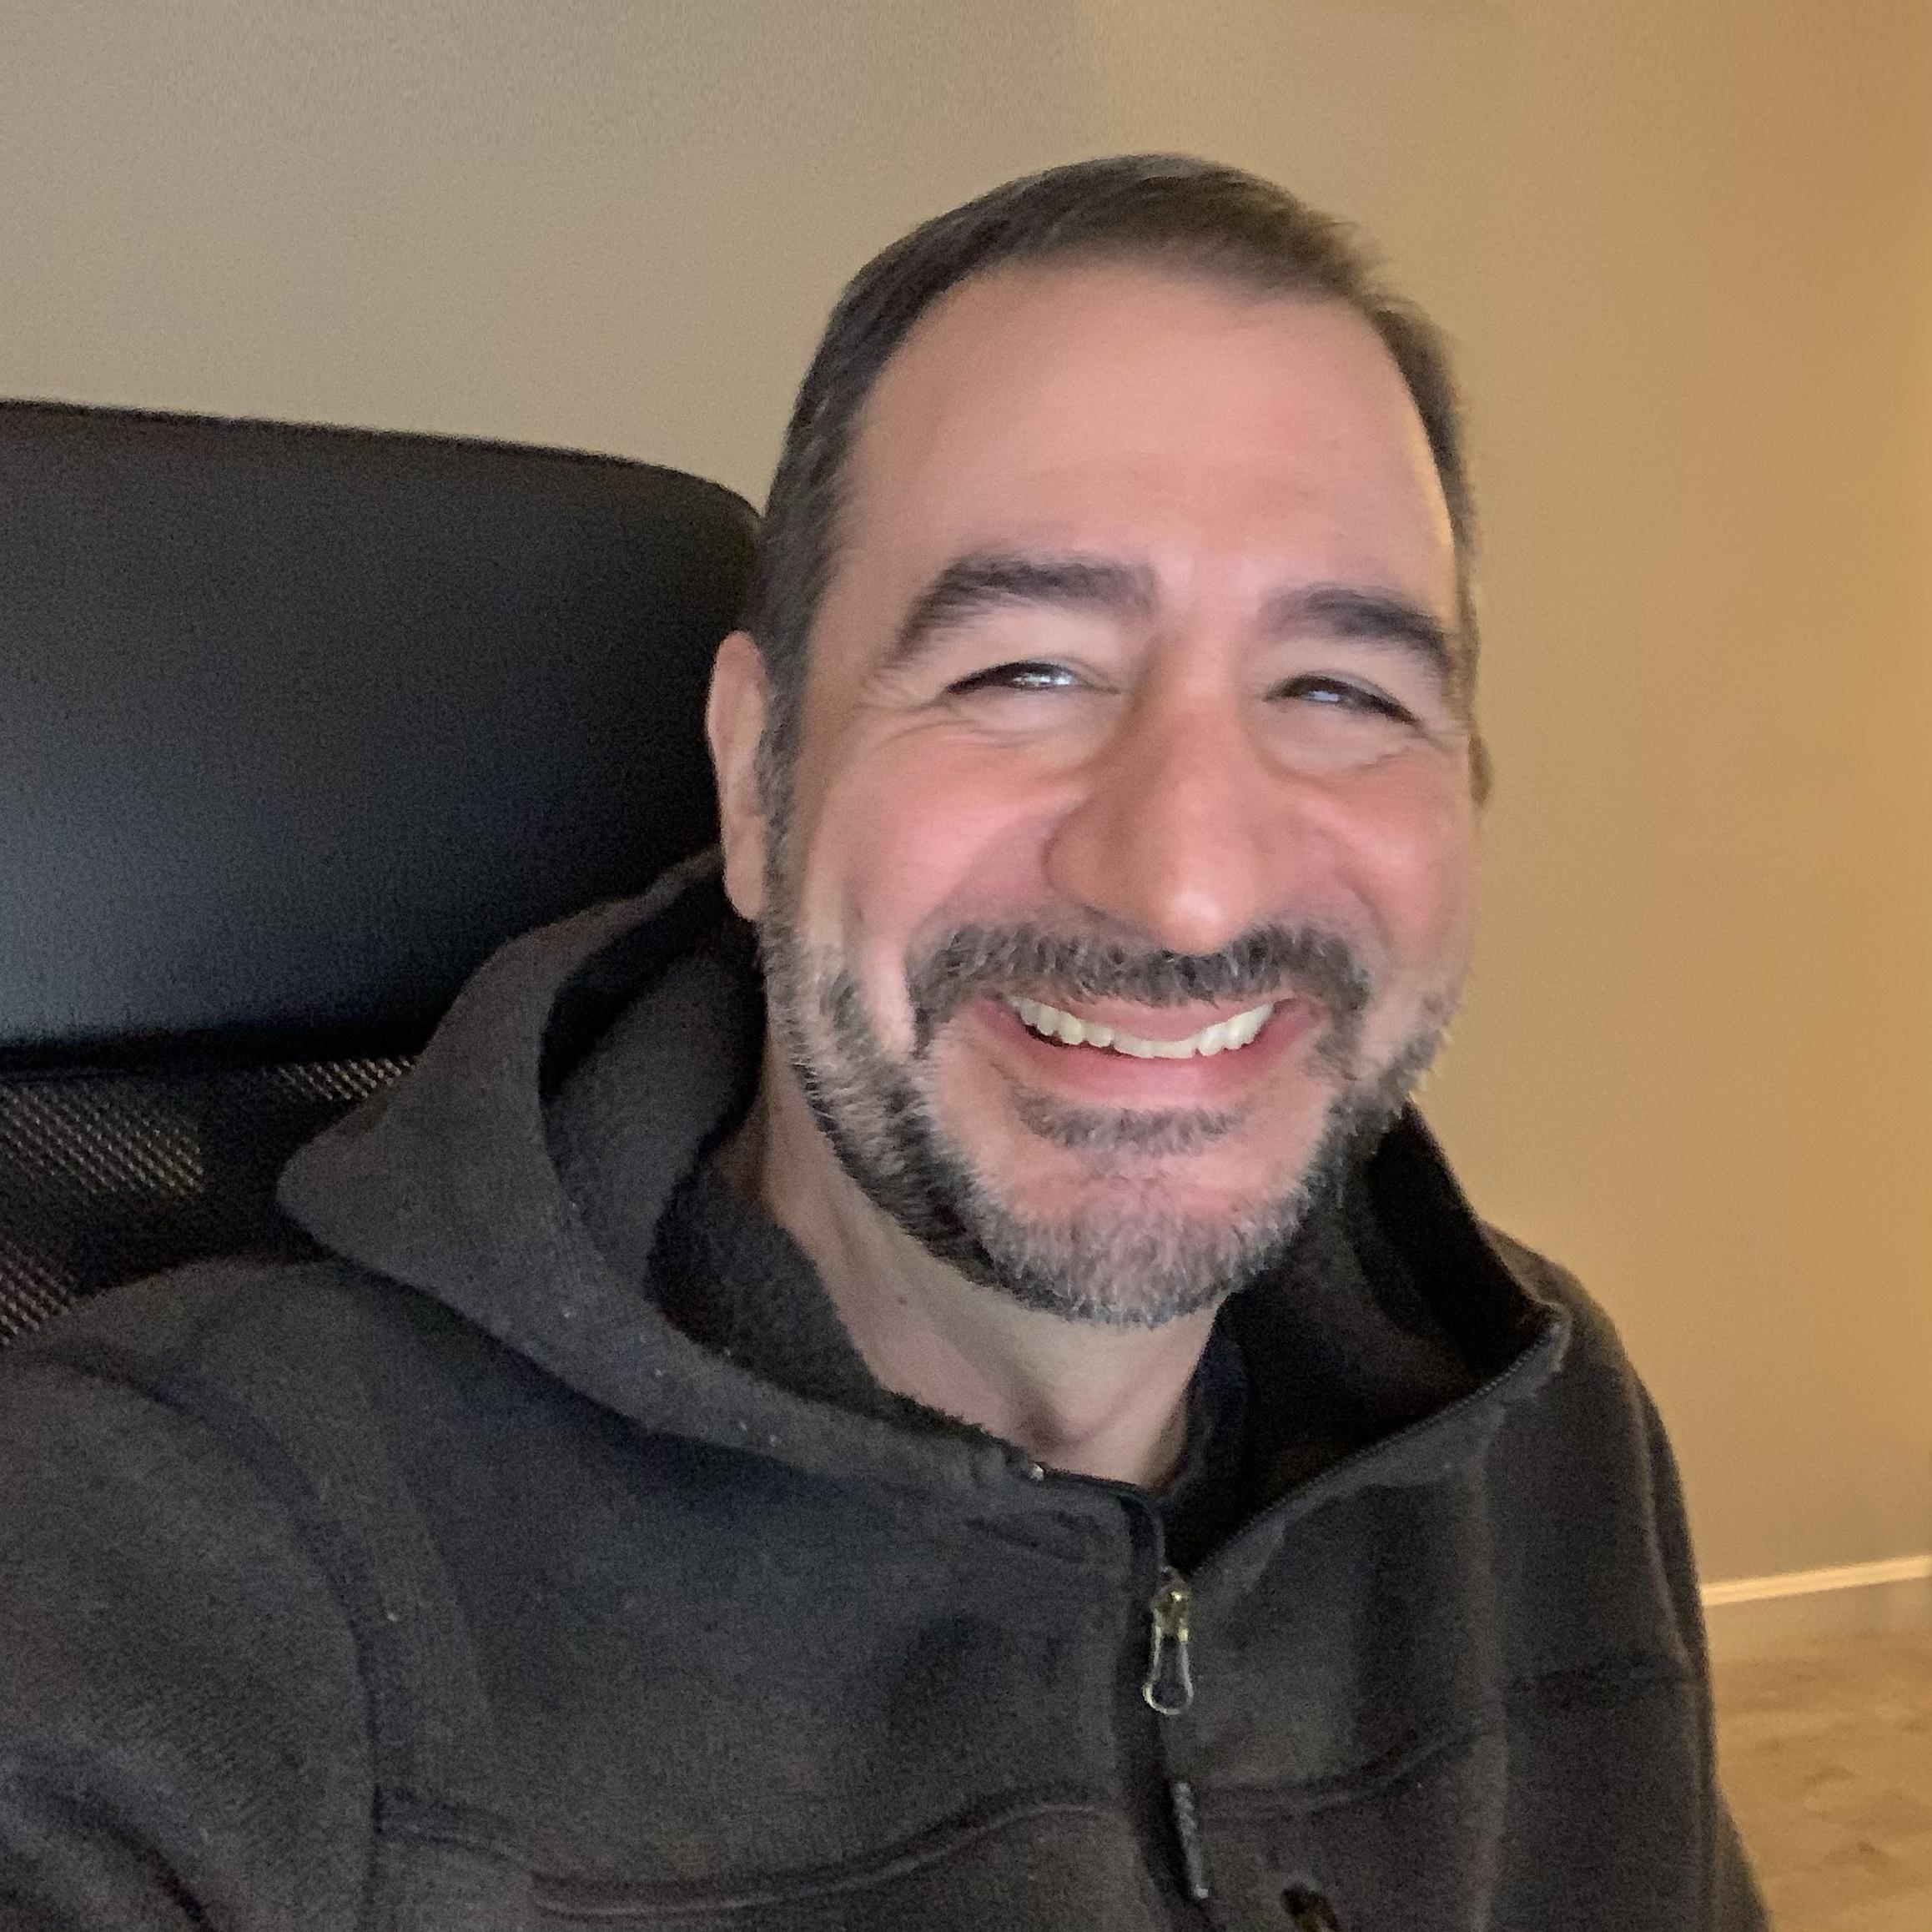 Orbita Chief Product Officer Bill Cava for Orbita team webpage